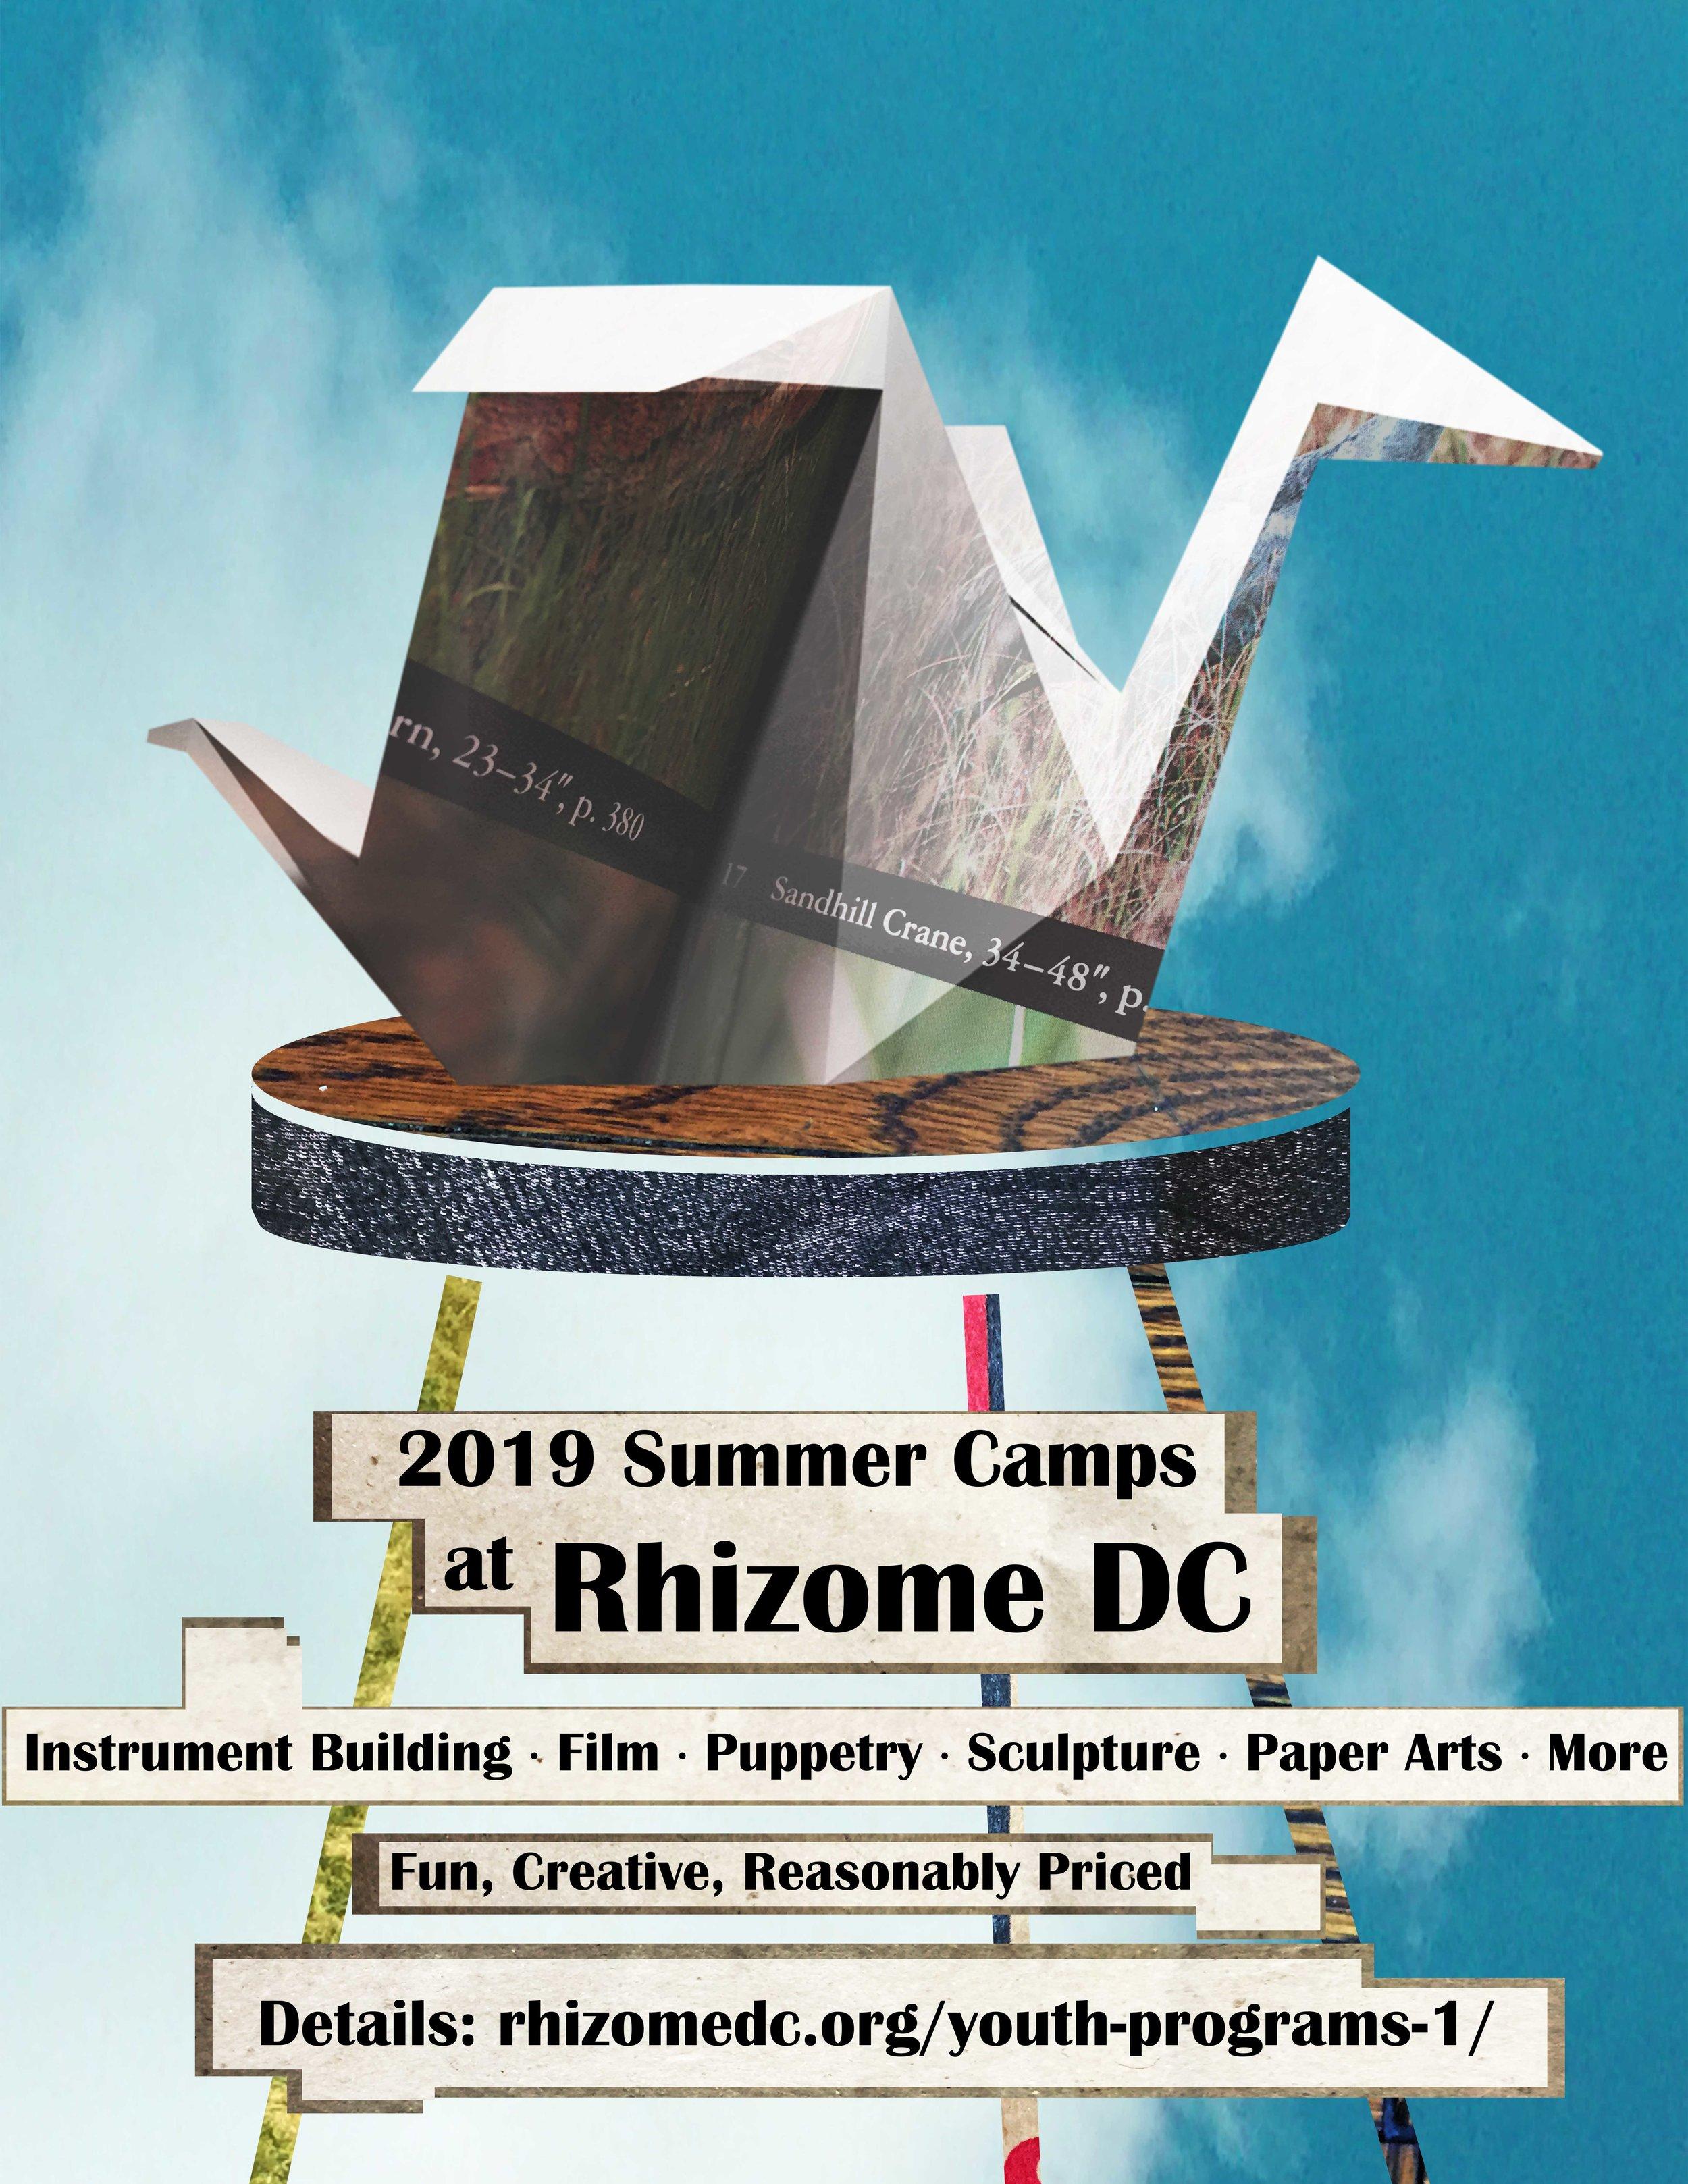 RhizomeSummerArtProgramsPoster.jpg